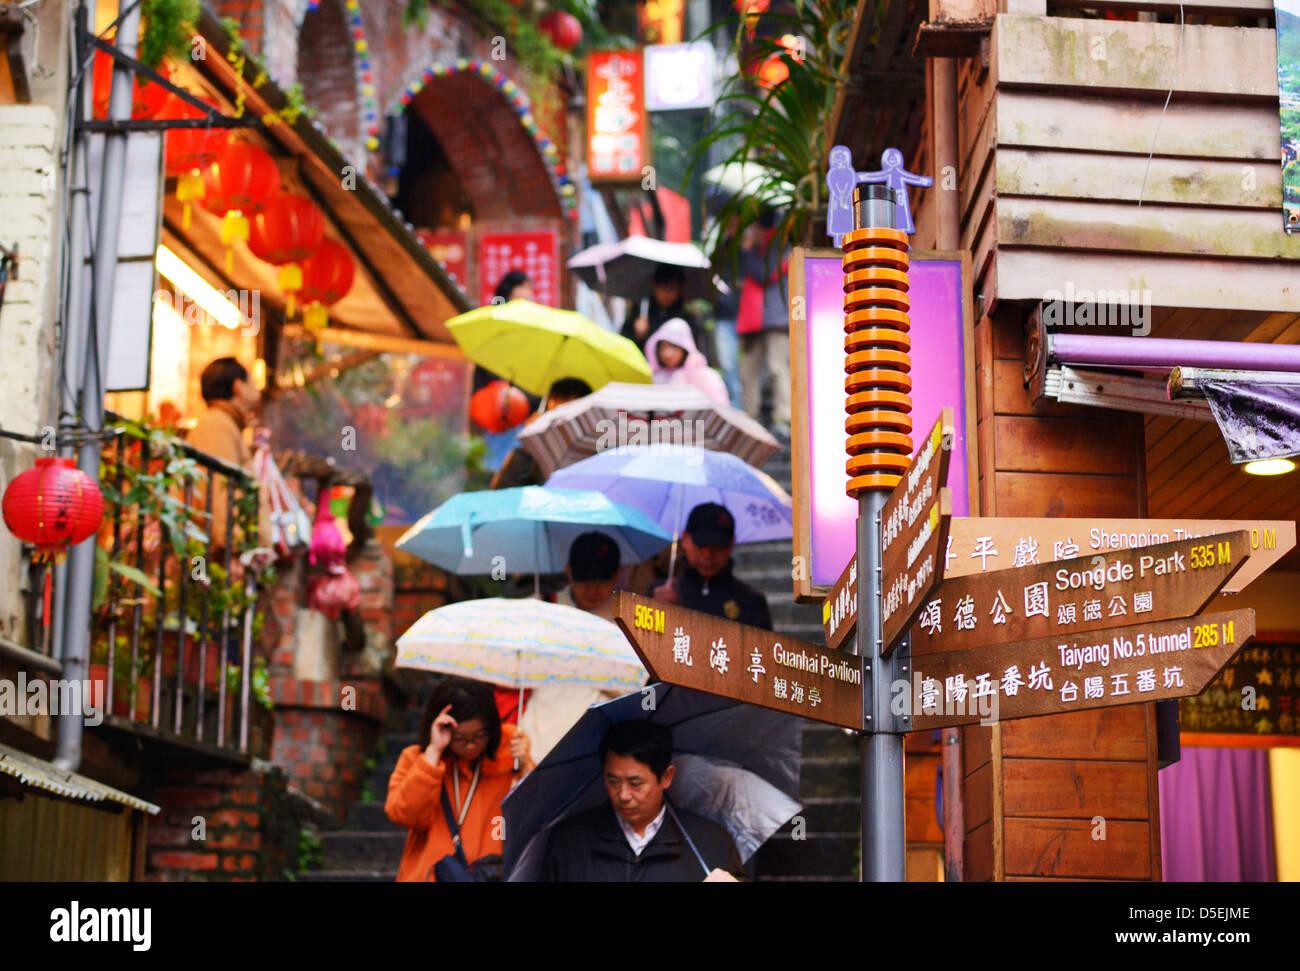 Les touristes se promener dans les ruelles pittoresques de Jiufen, Taiwan. Photo Stock